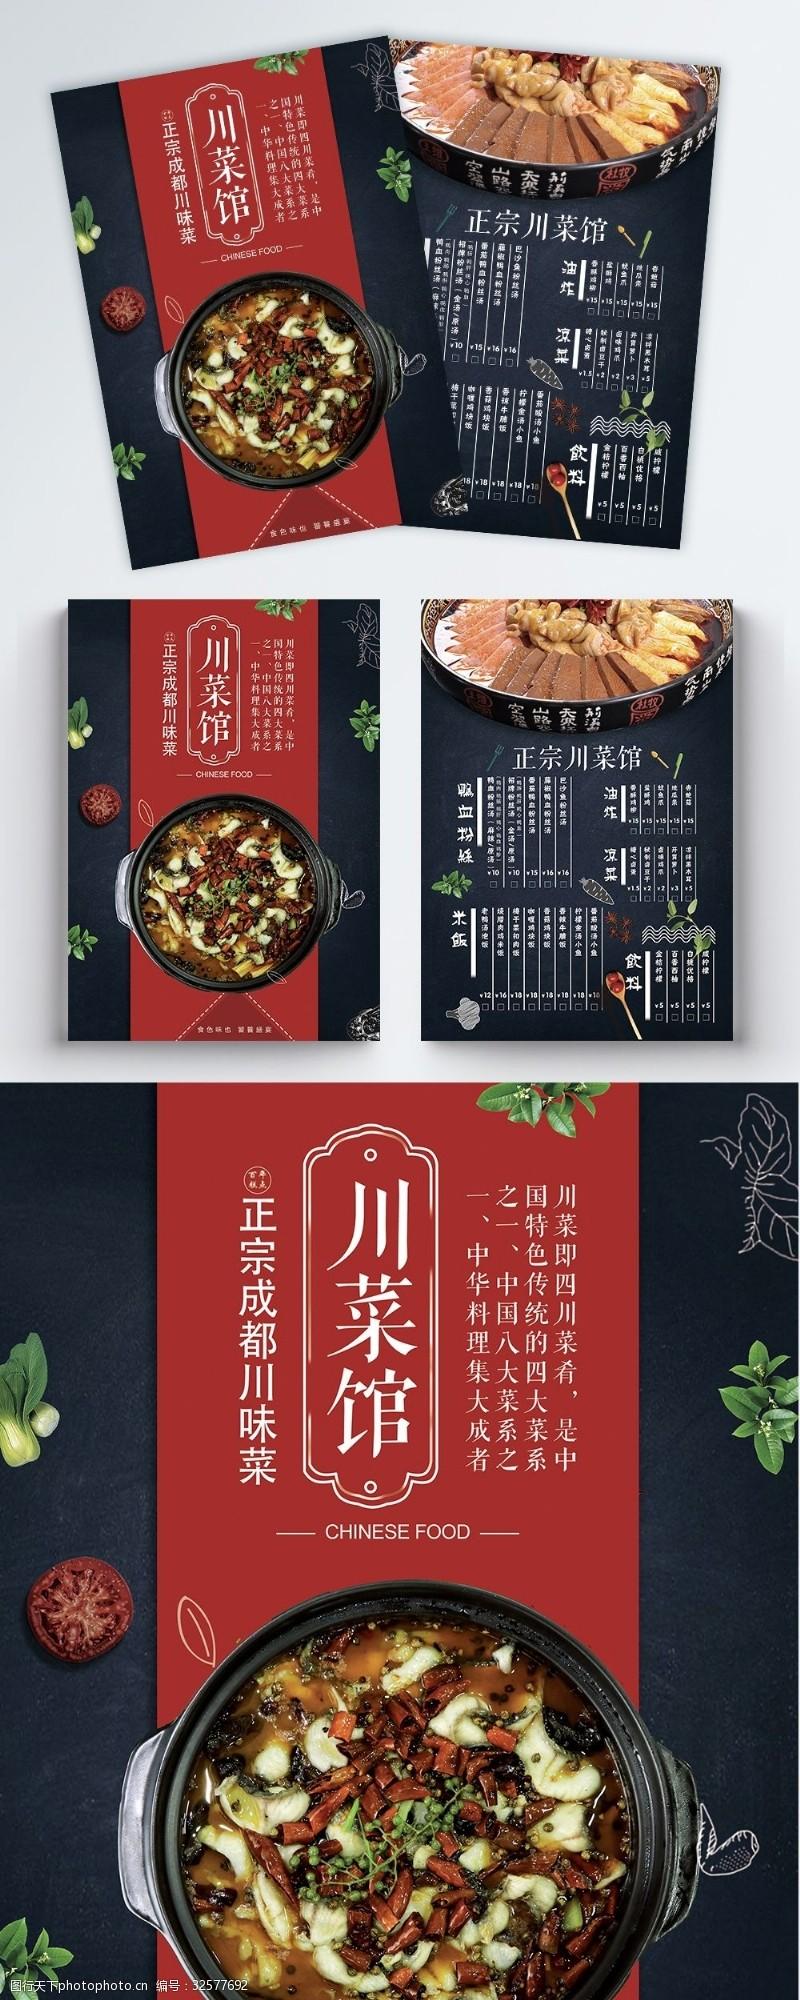 川菜館菜單宣傳頁